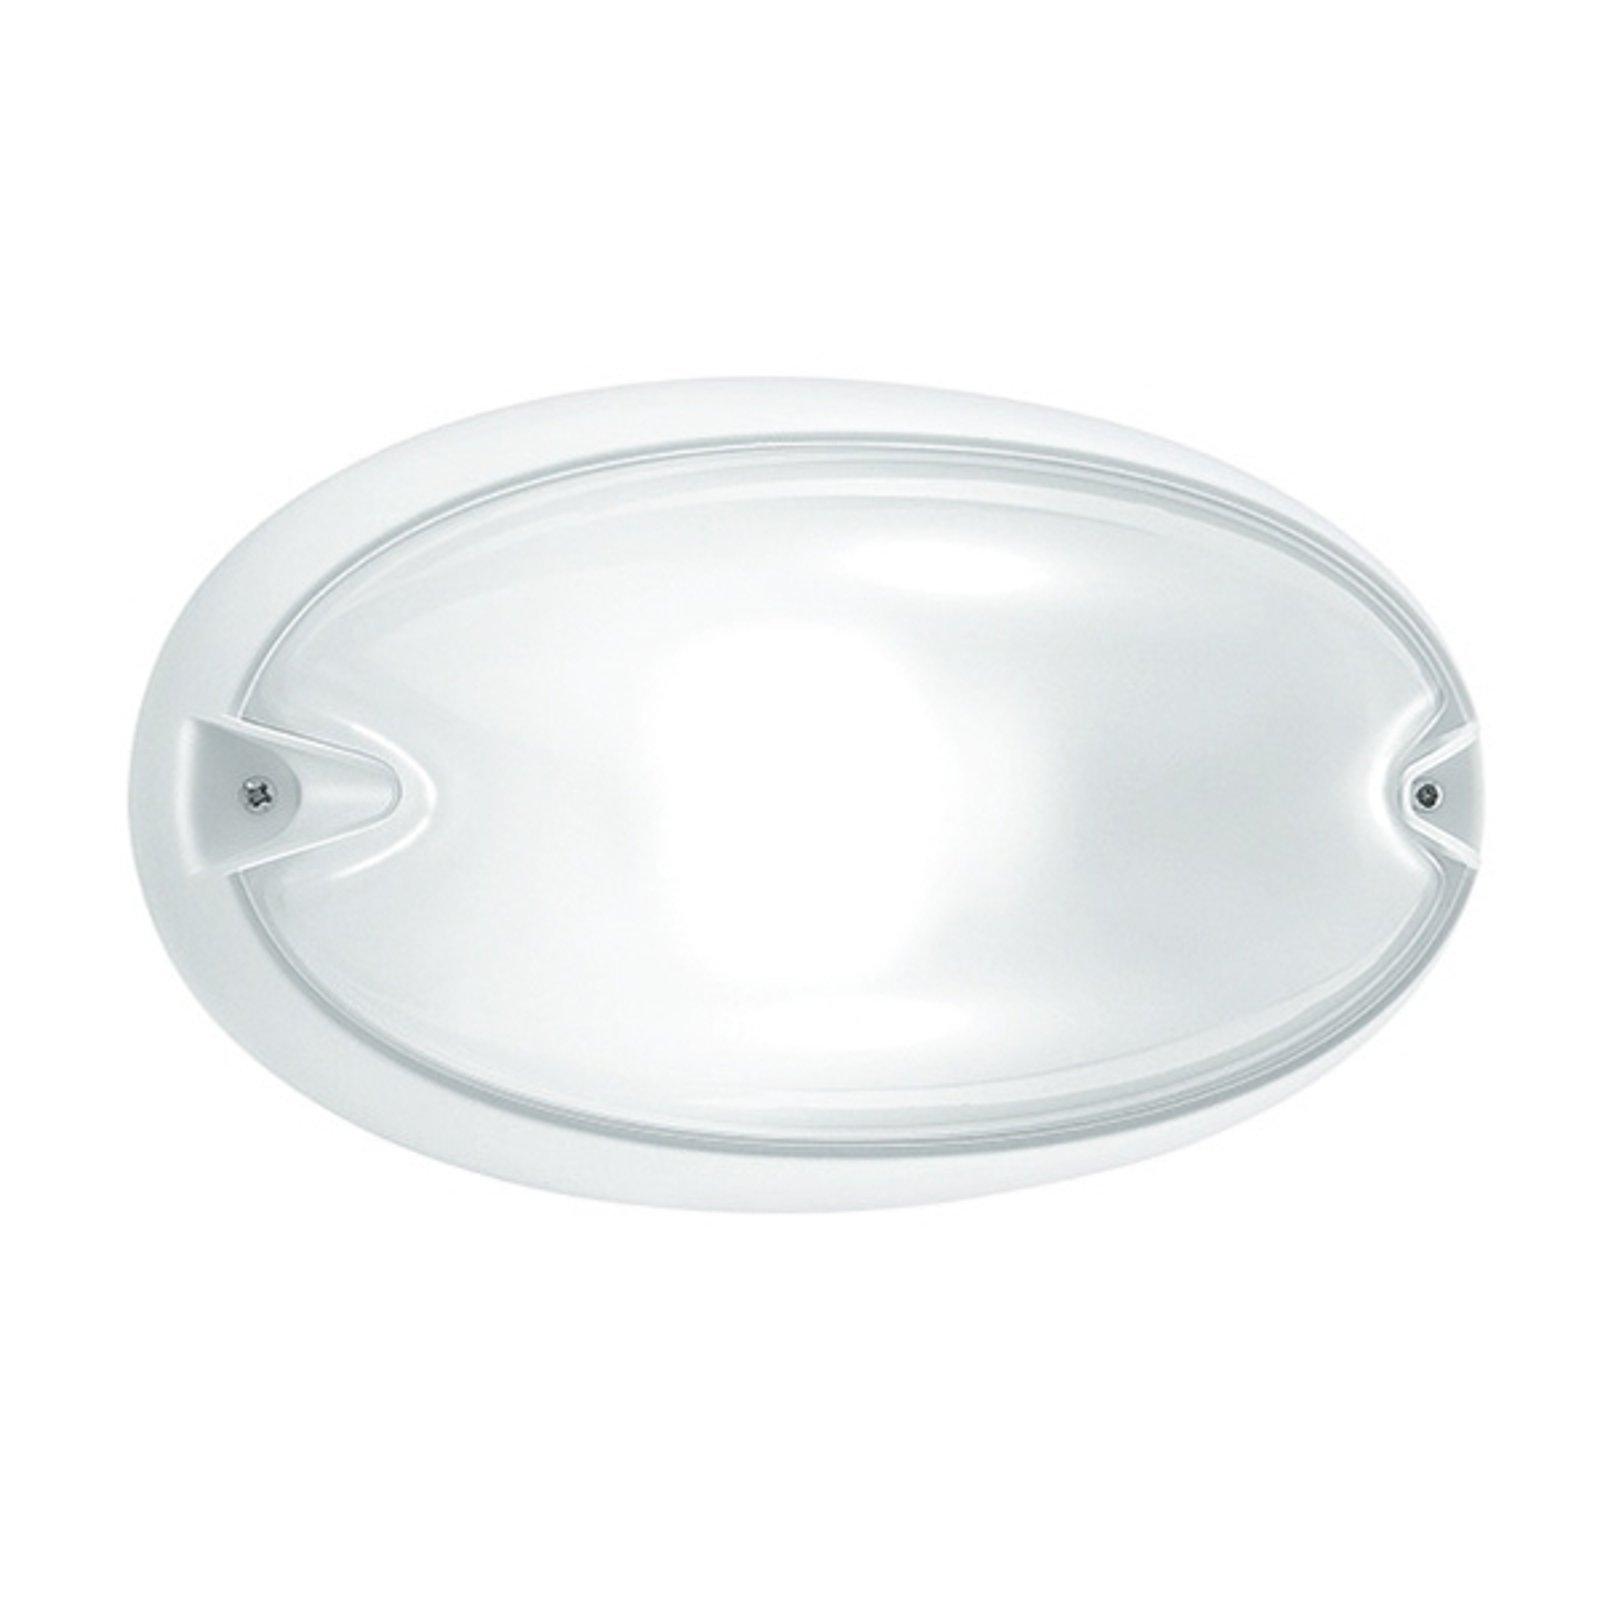 Oval Chip utendørs vegglampe i svart